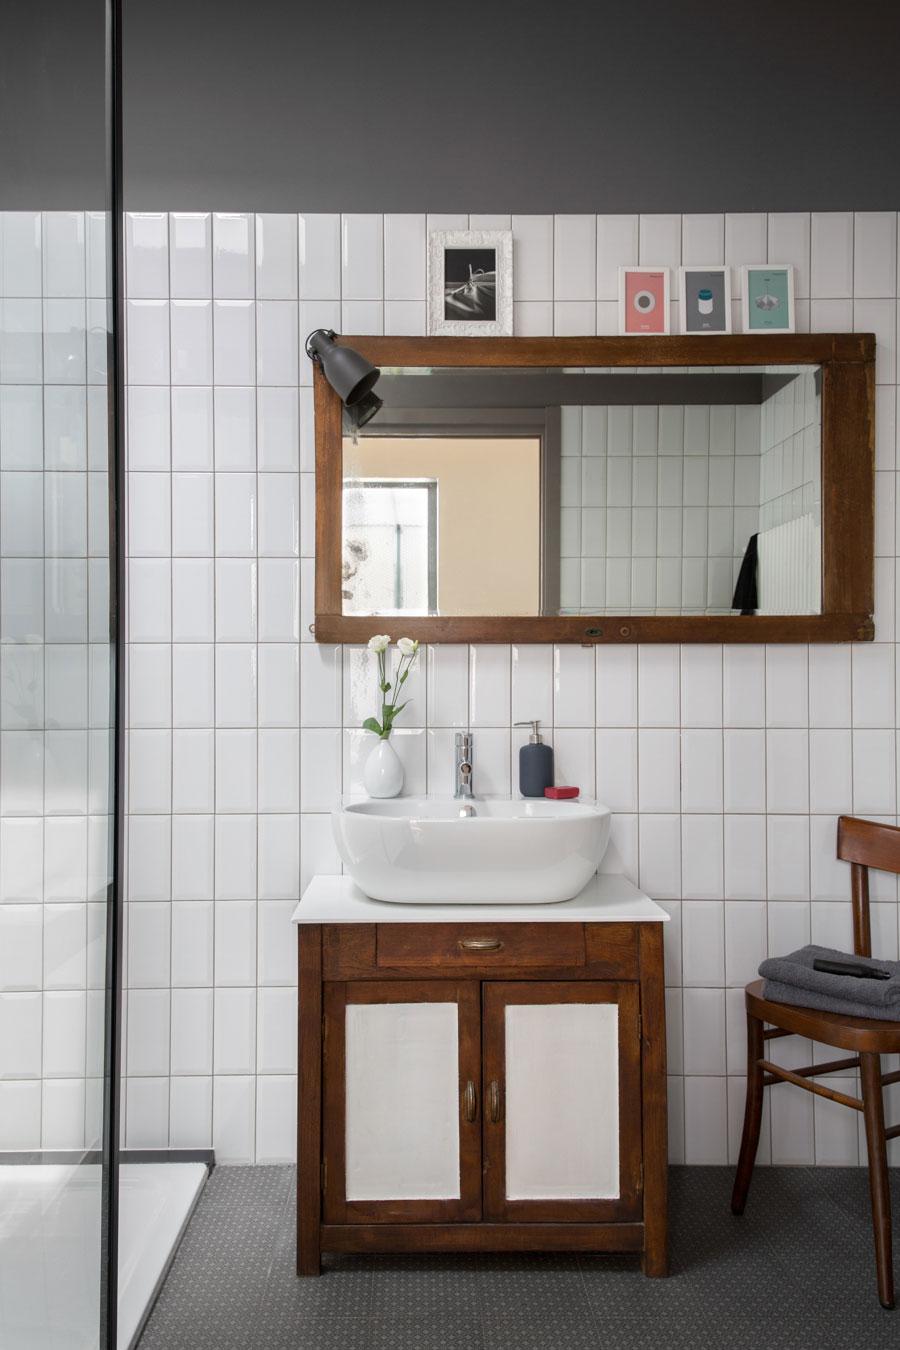 Moderne loft badkamer met een klassiek vintage tintje